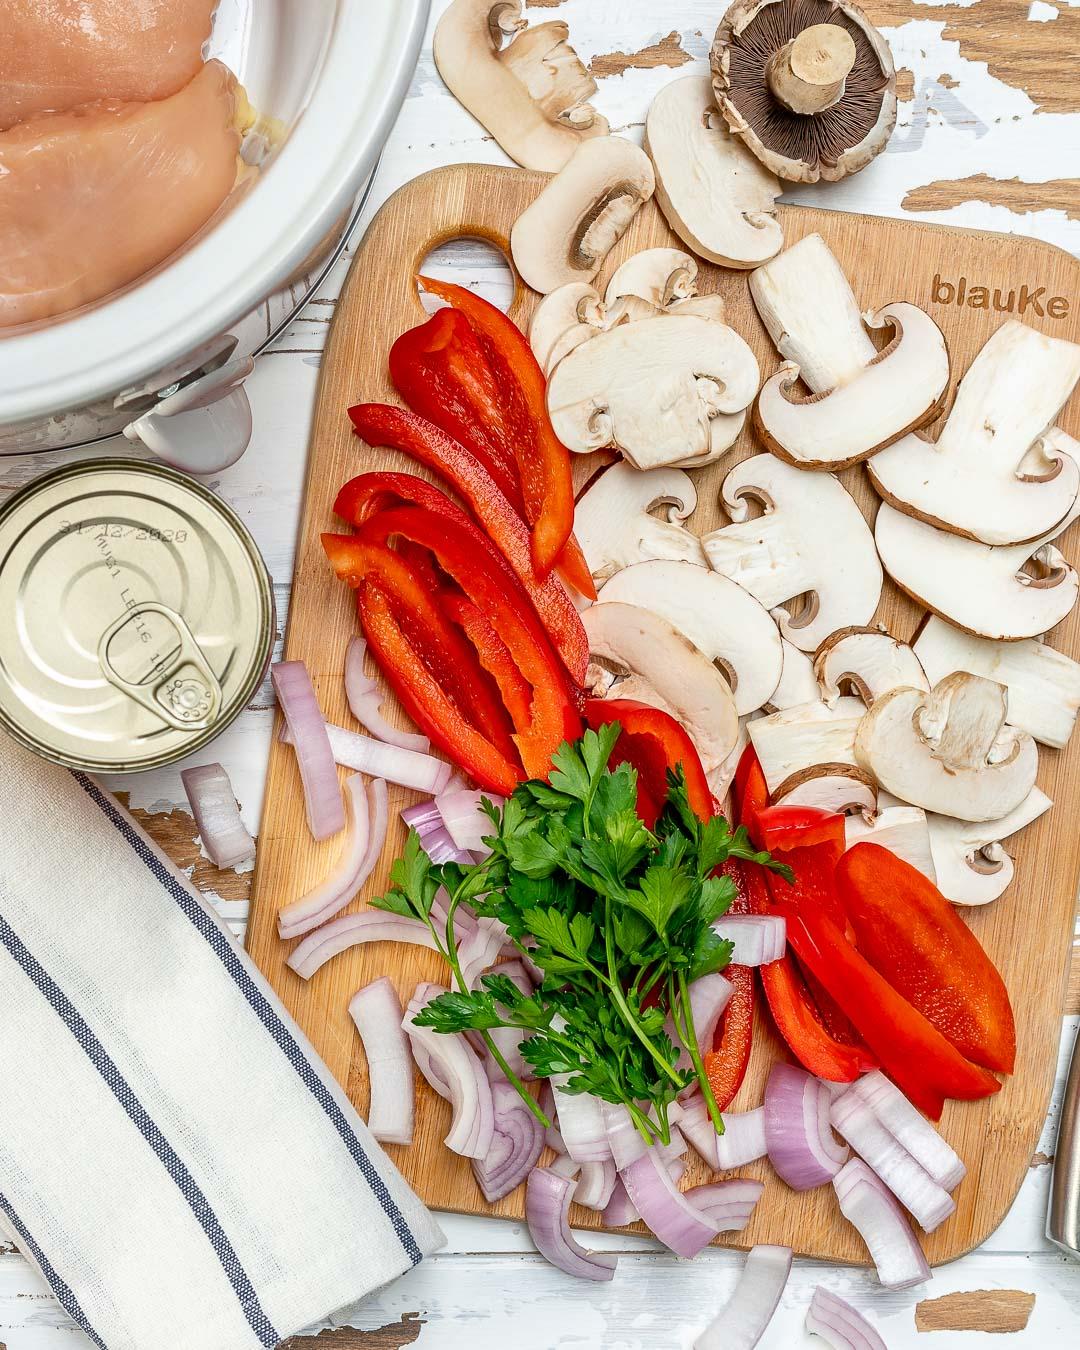 Crockpot Chicken Mushrooms Ingredients